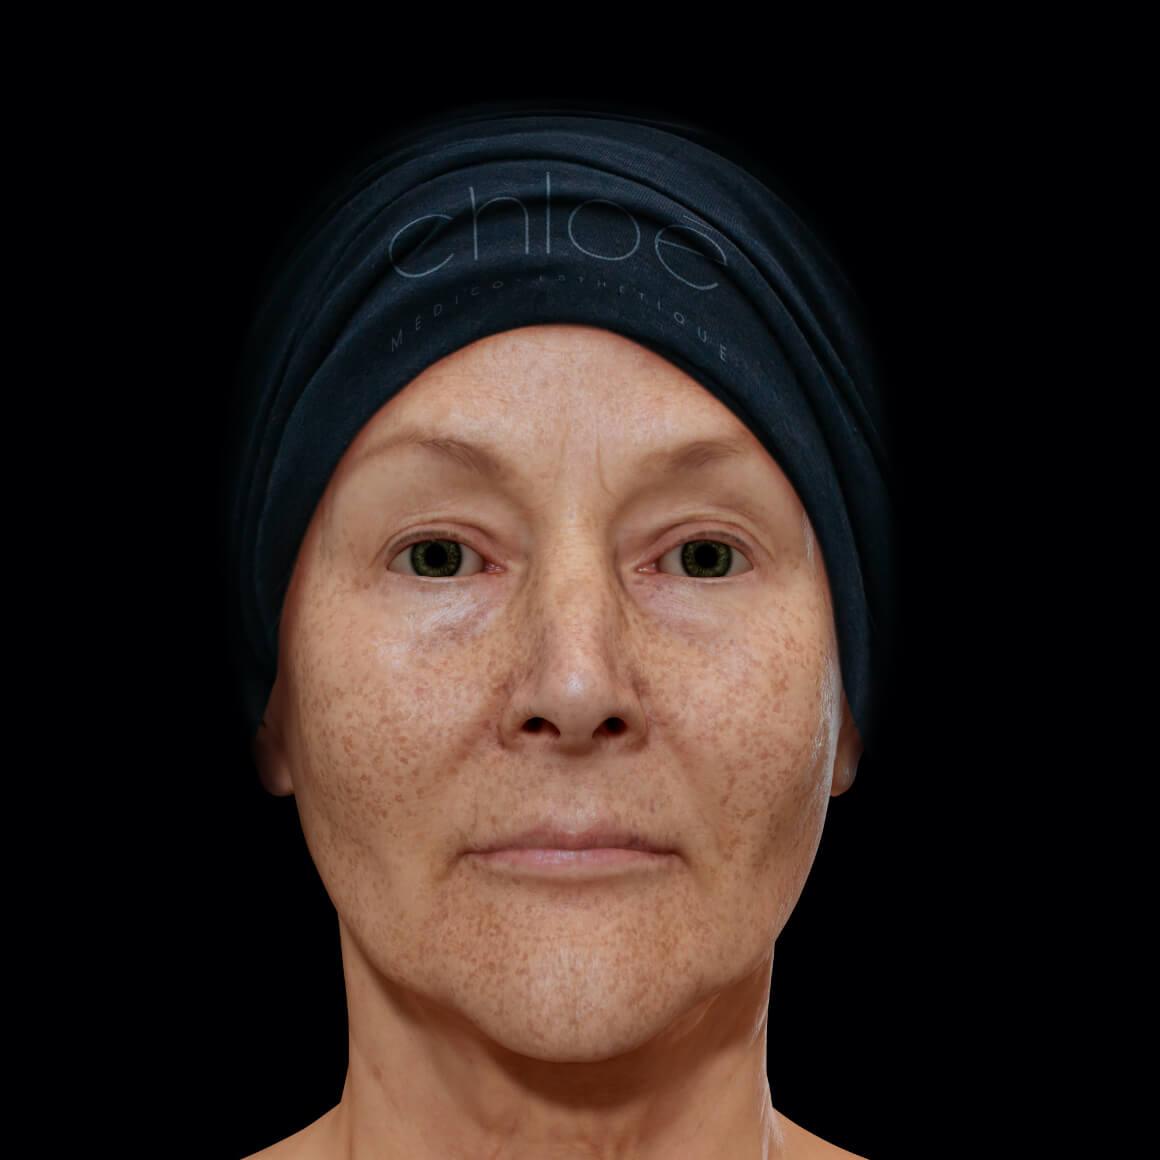 Patiente de la Clinique Chloé positionnée de face démontrant des taches pigmentaires sur le visage entier